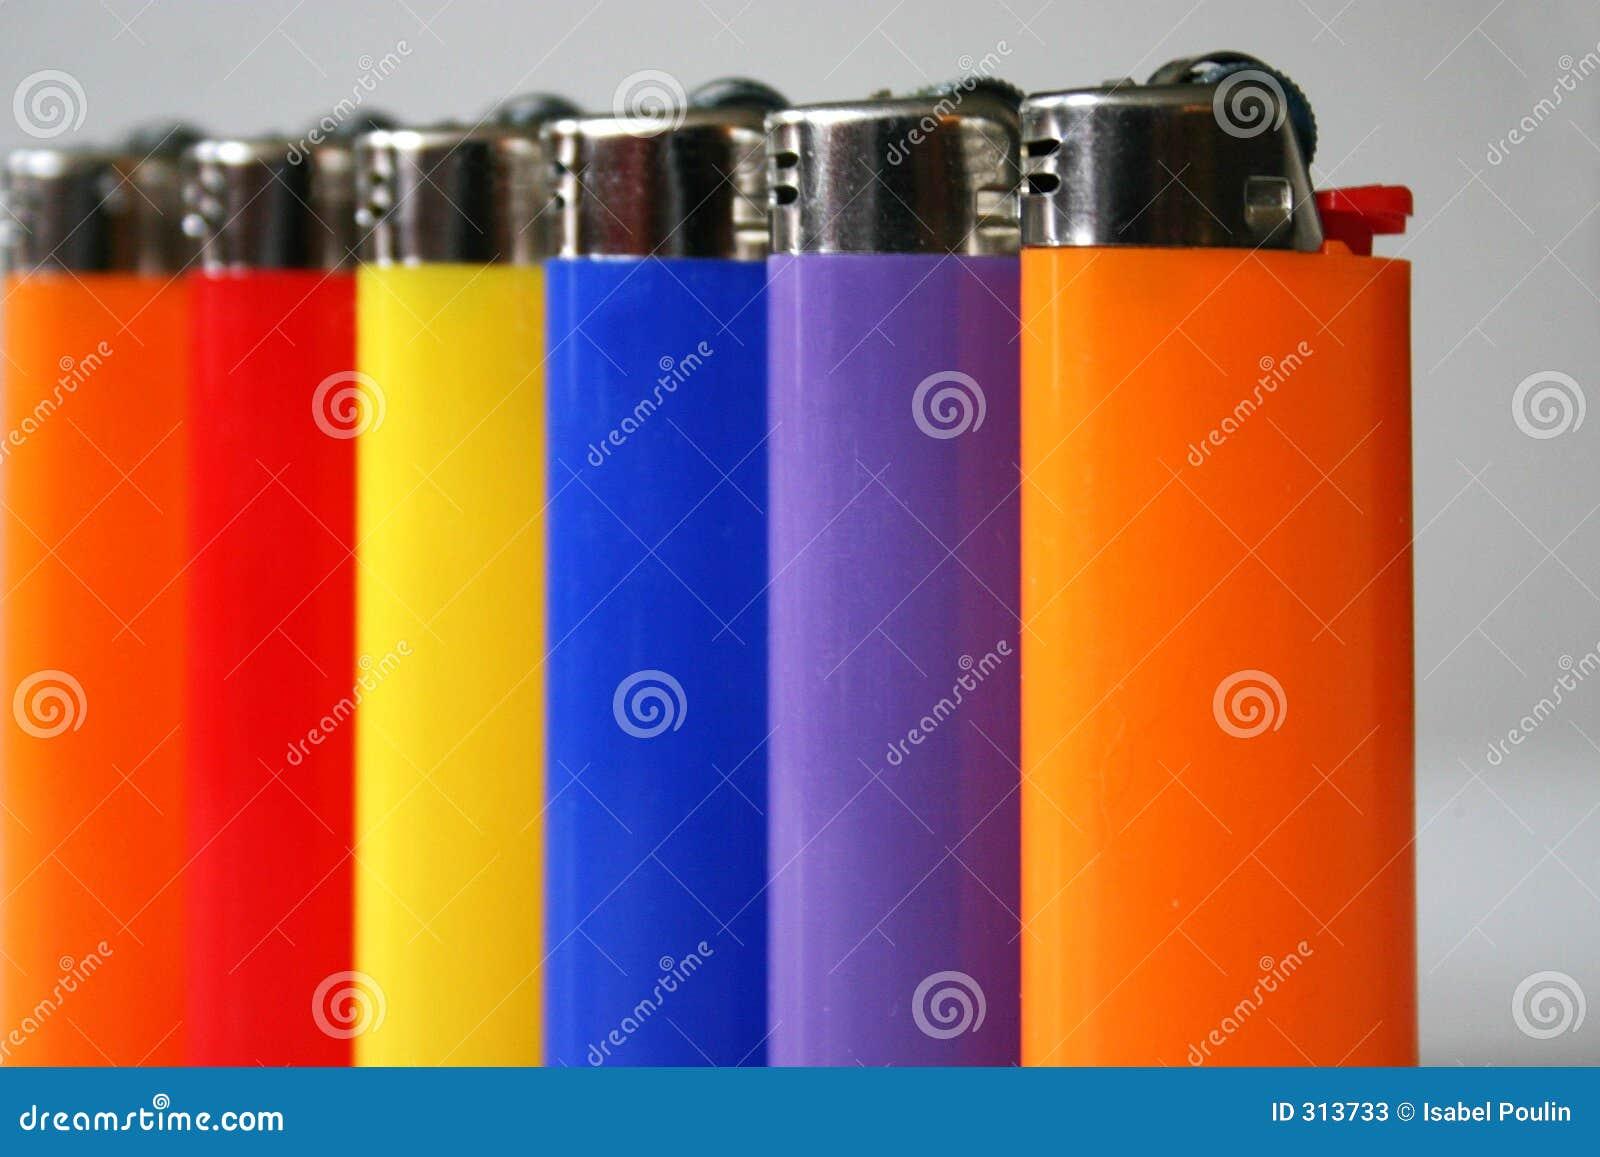 Kolorowe zapalniczki